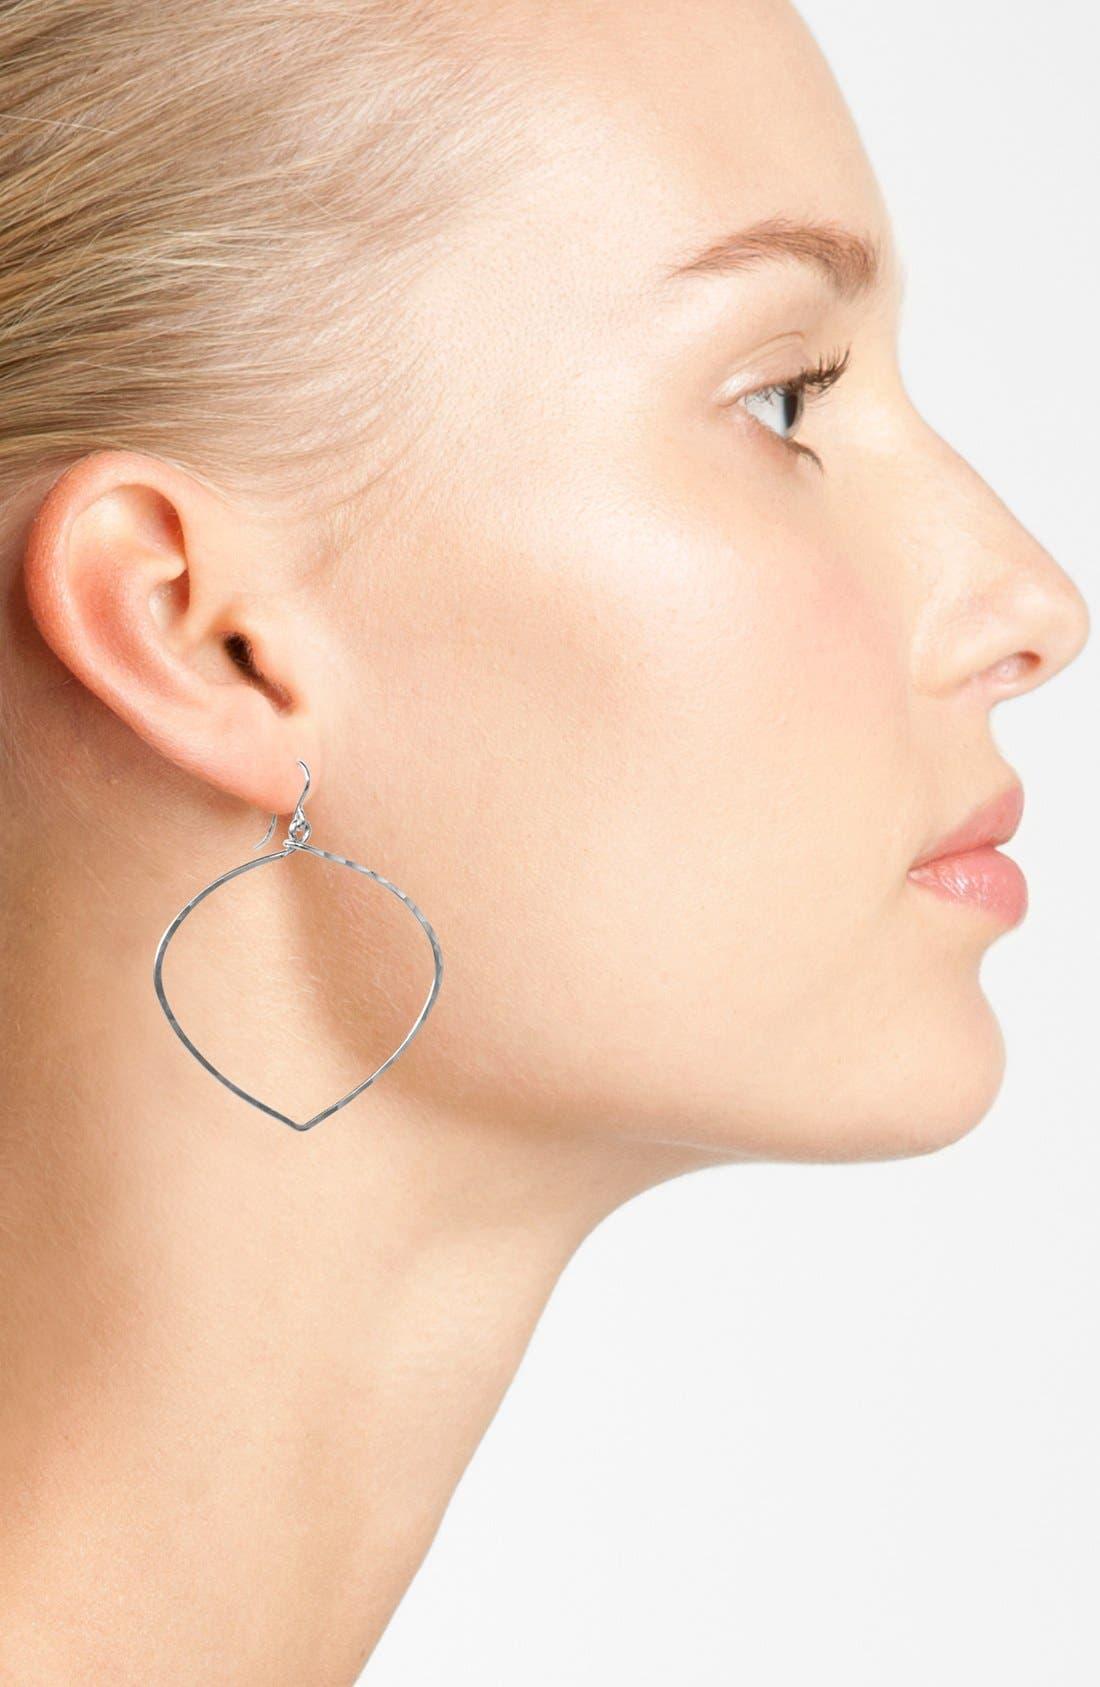 Ija 'Large' Faceted Lotus Hoop Earrings,                             Alternate thumbnail 2, color,                             040